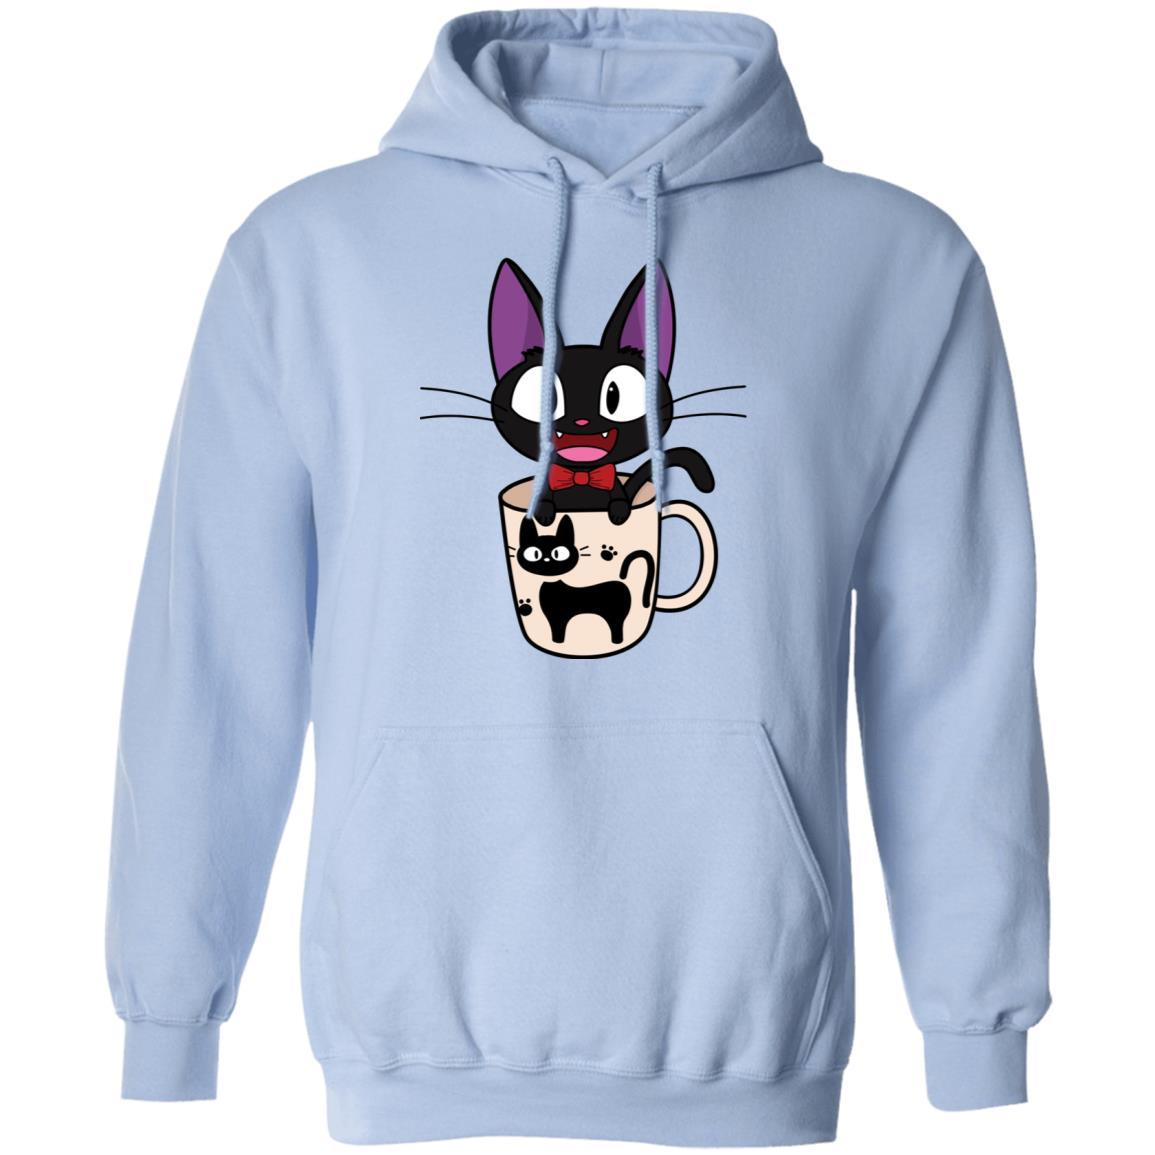 Jiji in the Cat Cup Hoodie